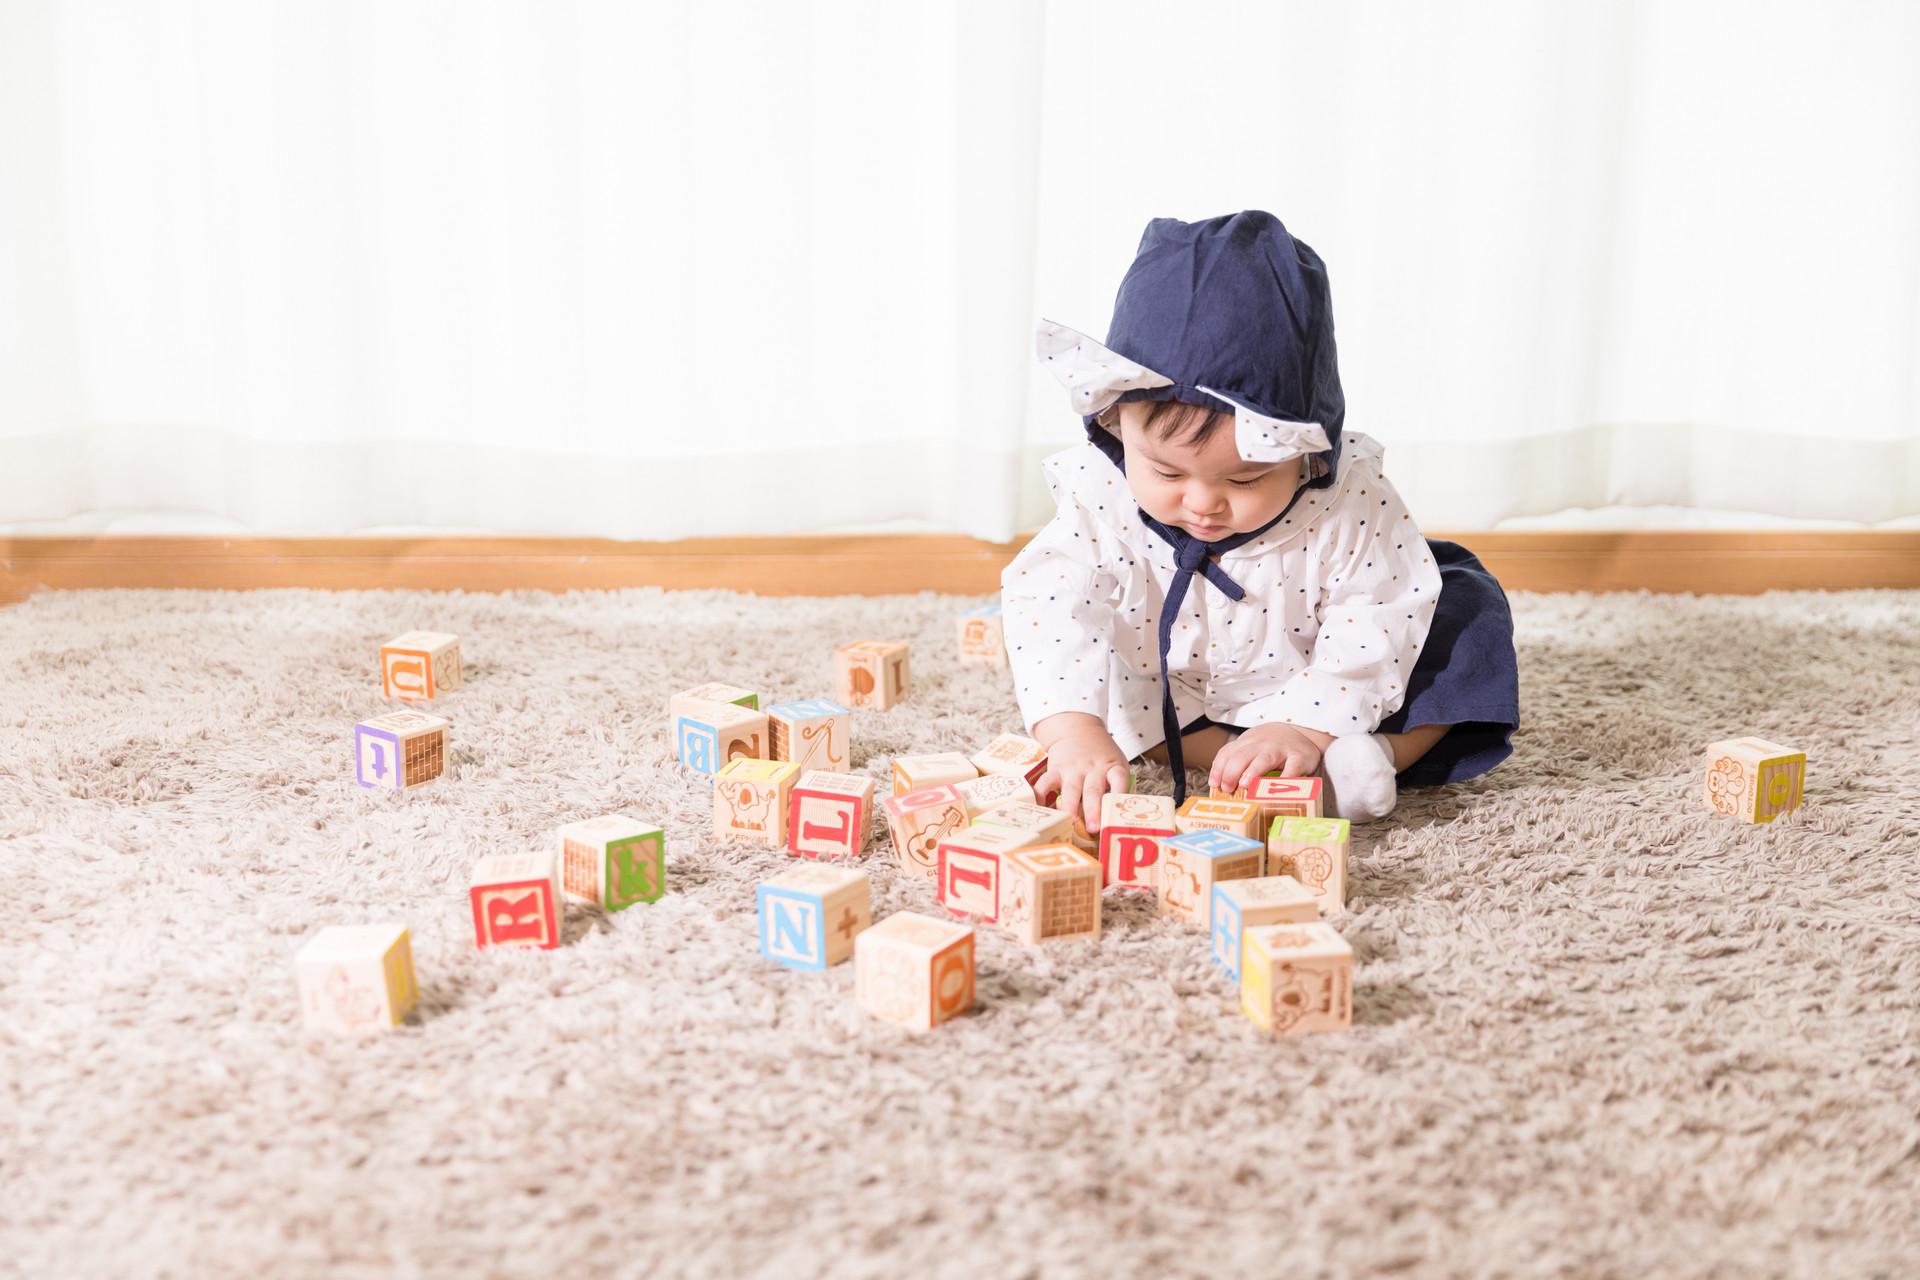 宝妈如何挑选宝宝玩具?学会这两招